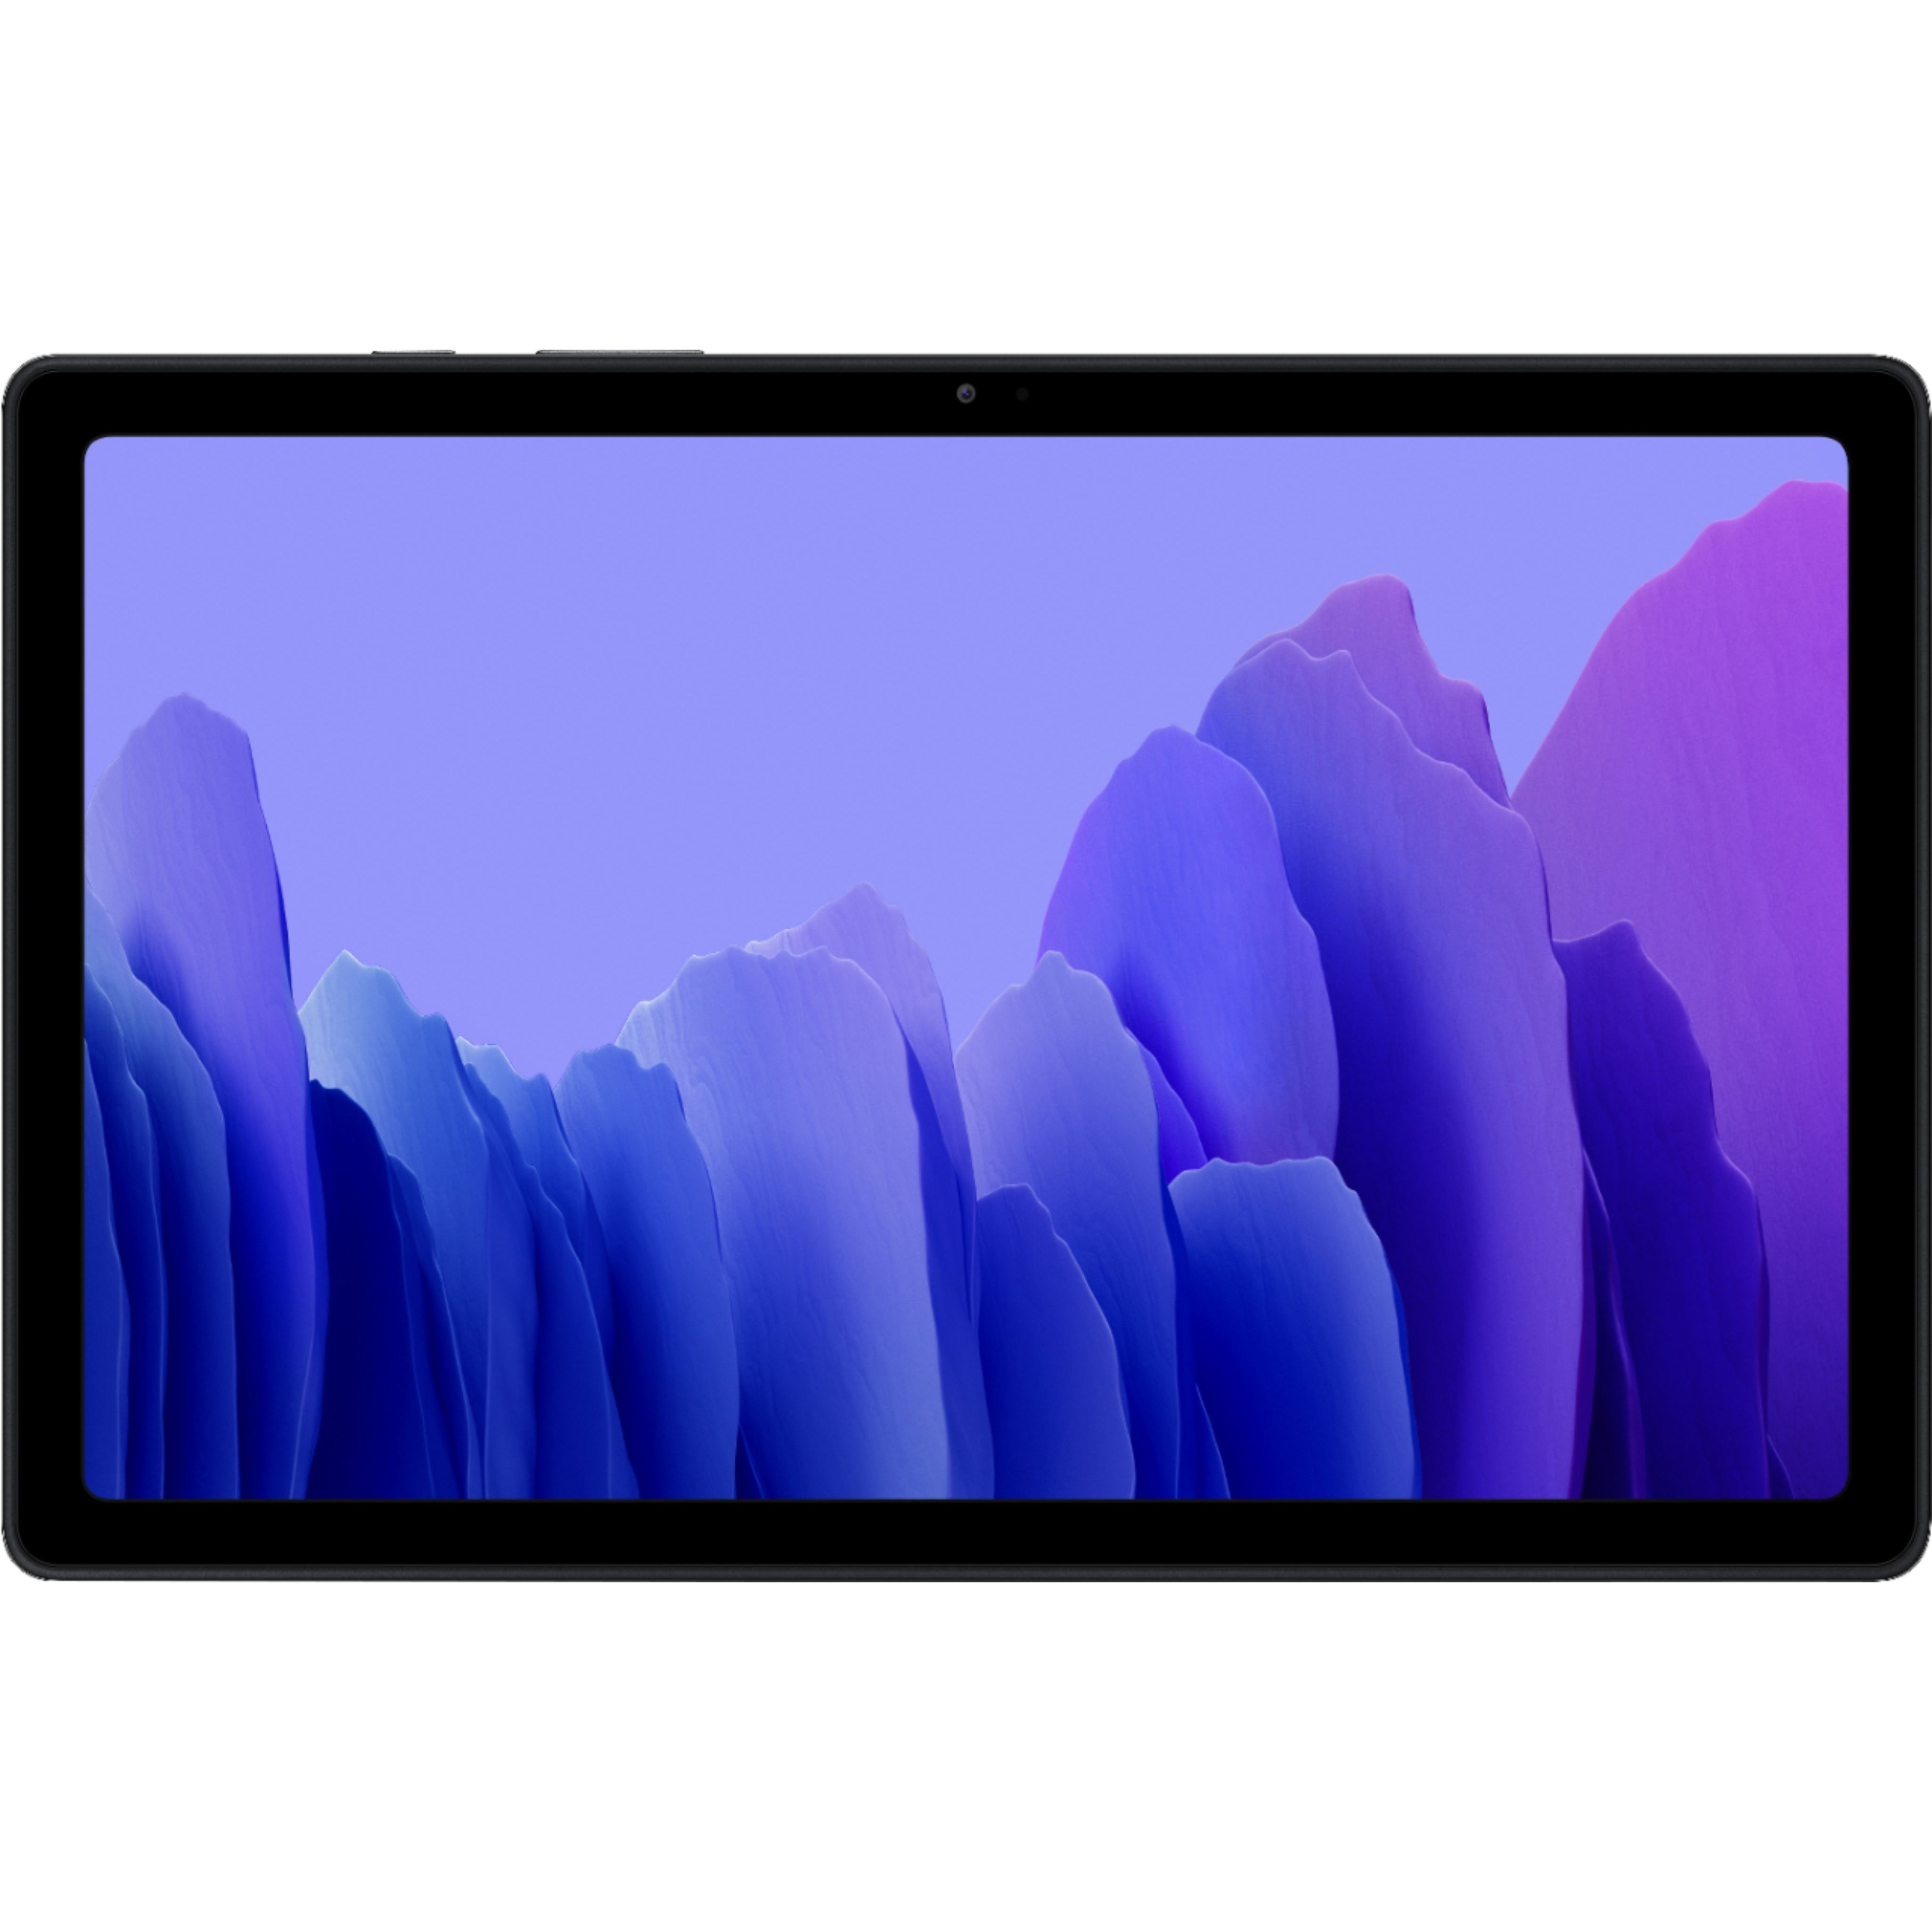 삼성 갤럭시 탭A7 10.4 2020년 태블릿pc WiFi 32GB 그레이